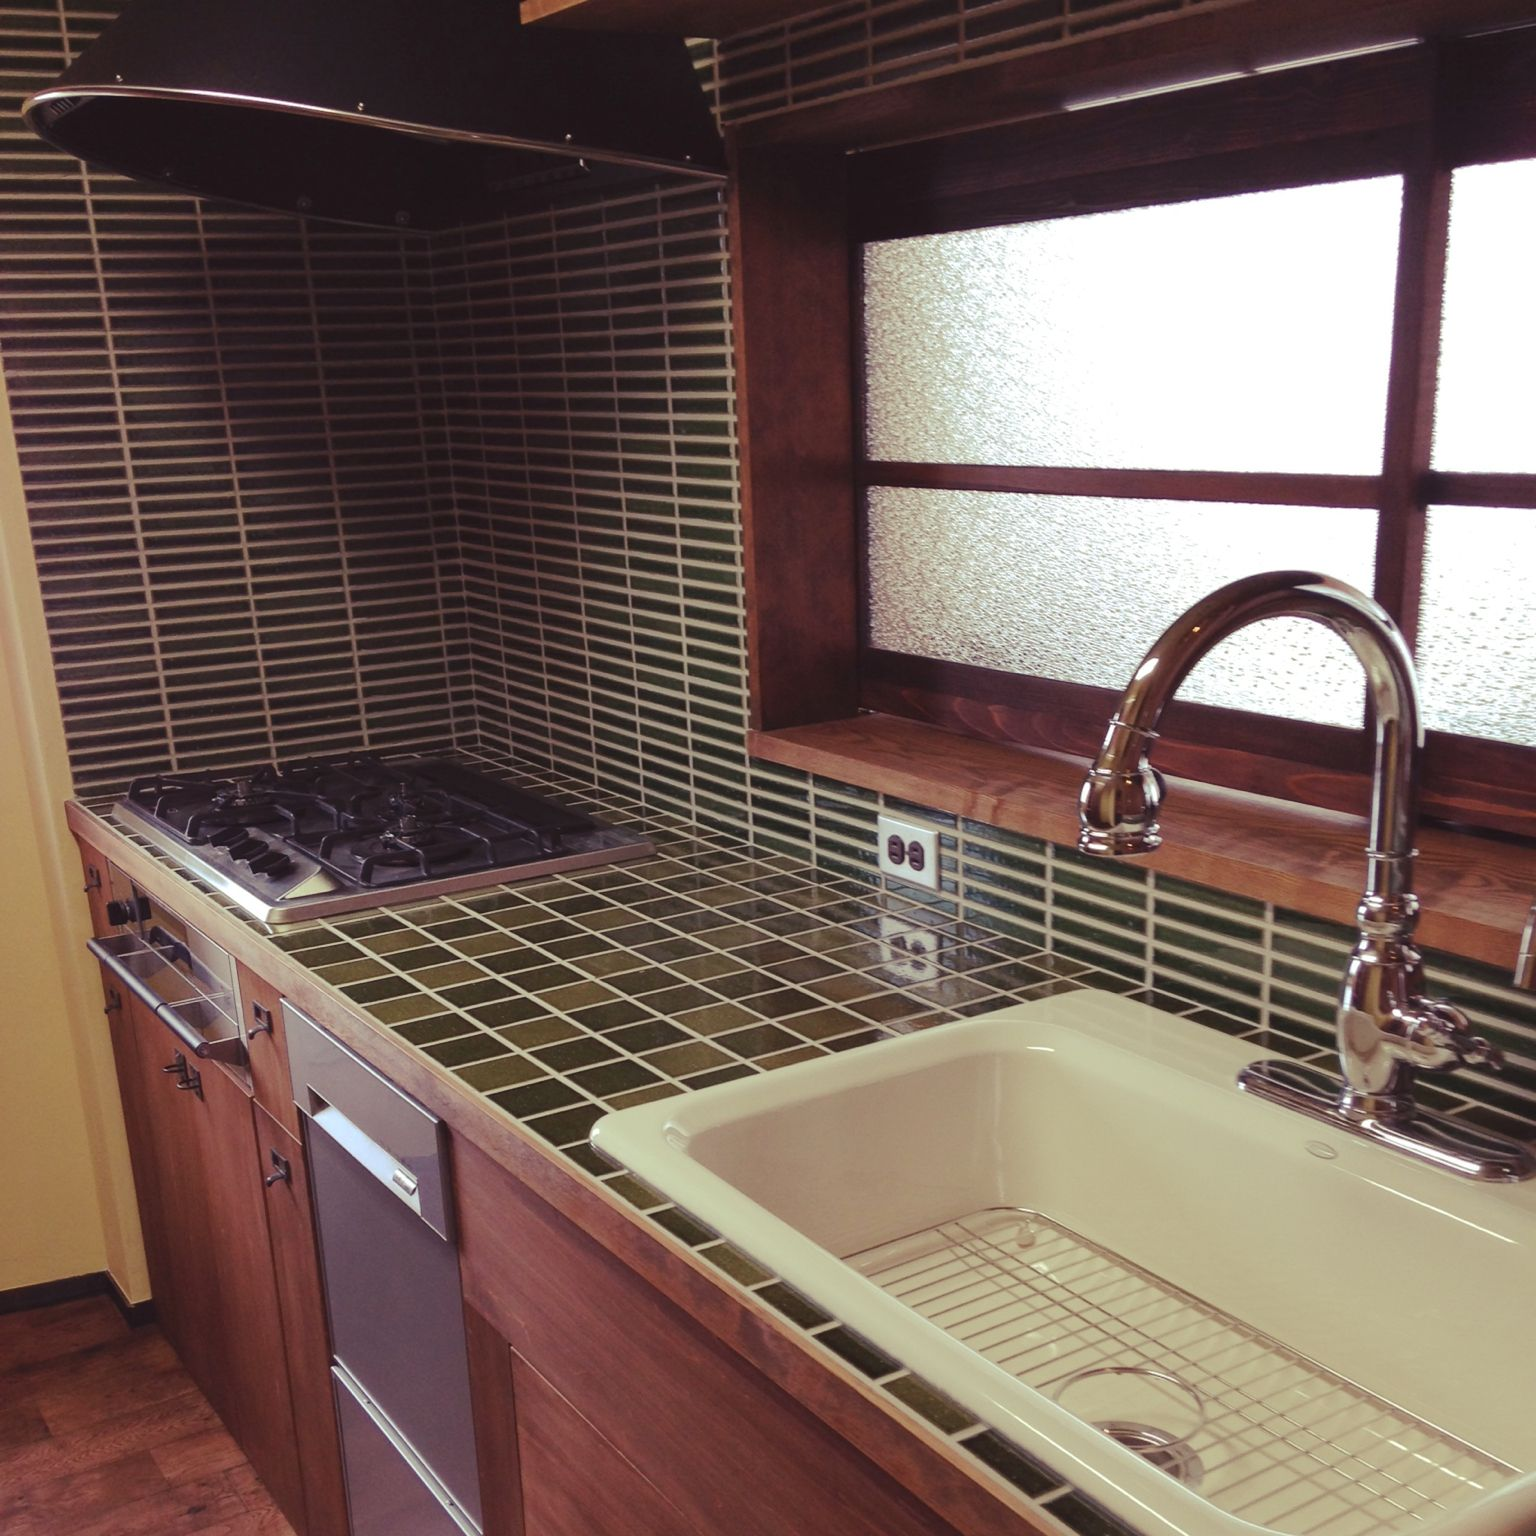 キッチン Kohler タイル 施主施工 昭和レトロ などのインテリア実例